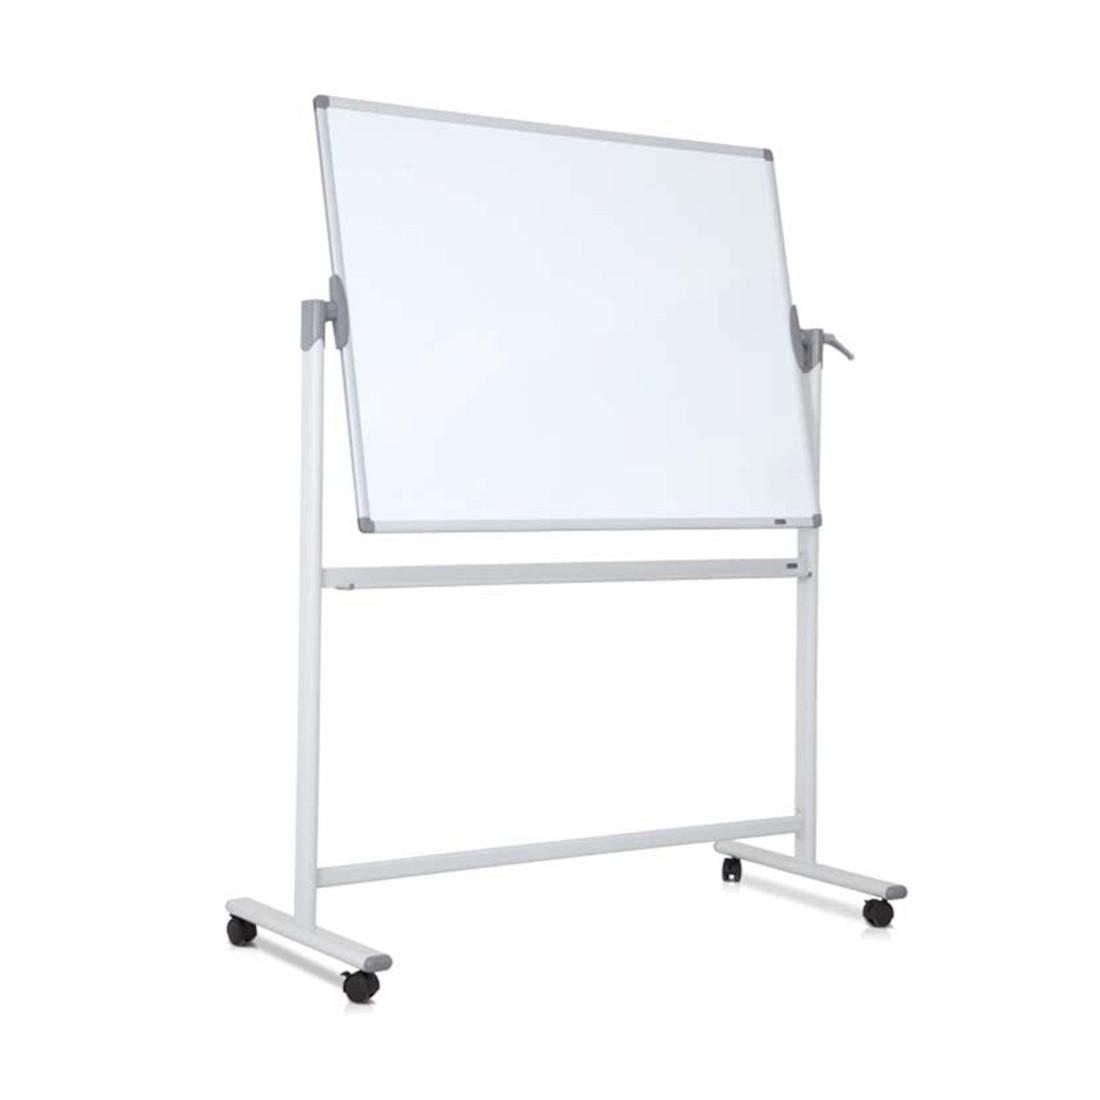 Доска магнитно-маркерная. Двухсторонняя, мобильная, 90х120см., Белый. Comix, BJ0103